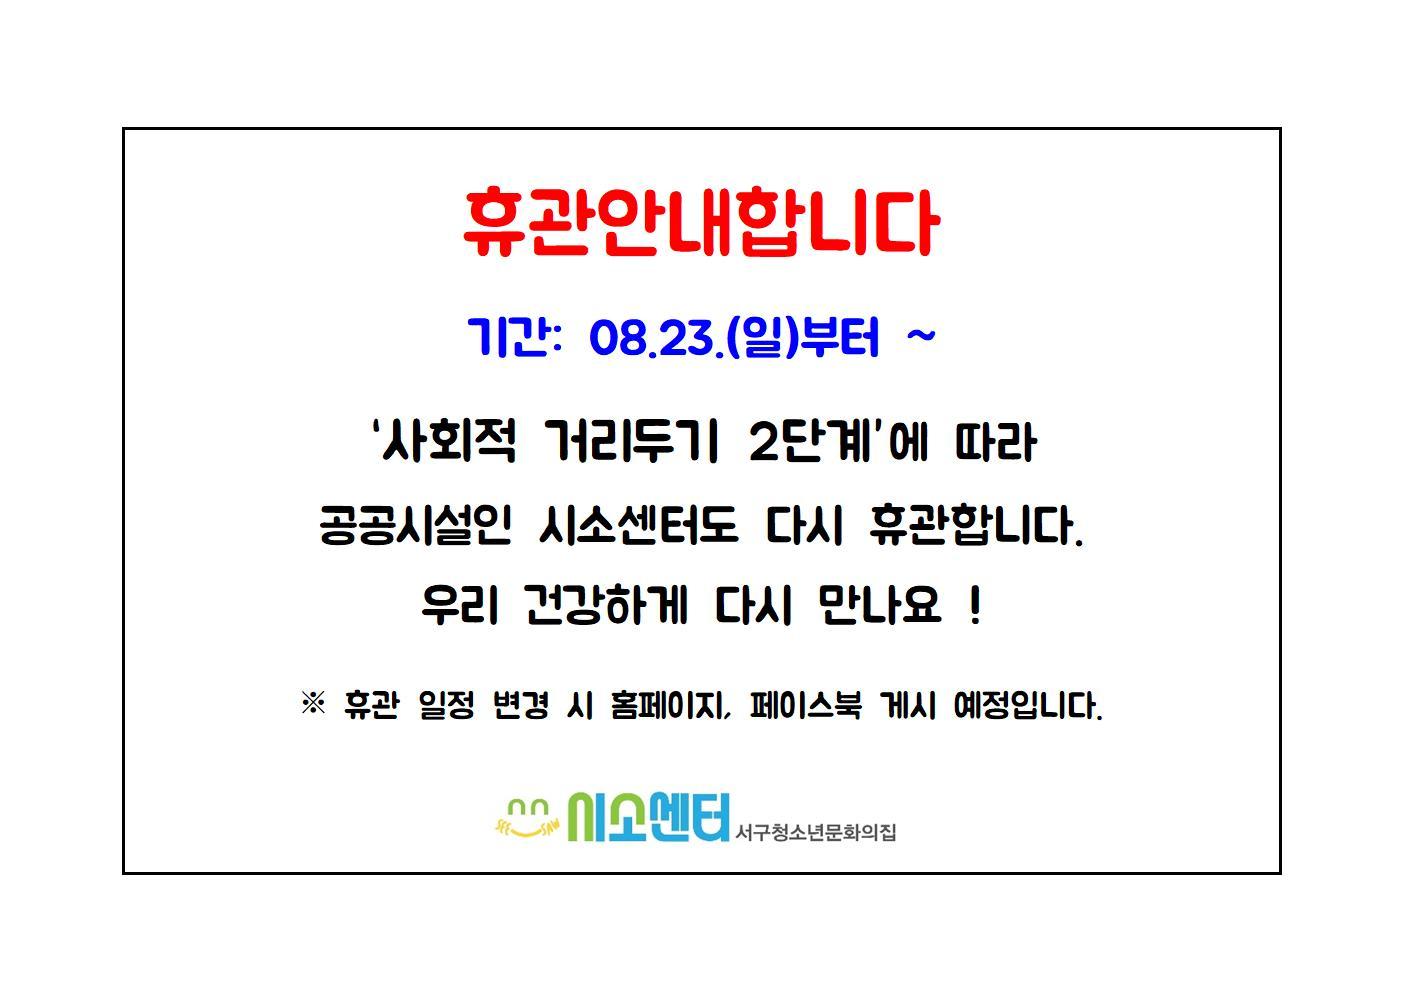 2020-08-22_휴관안내_코로나_유리수정_휴관 연장(8.23부터~).jpg